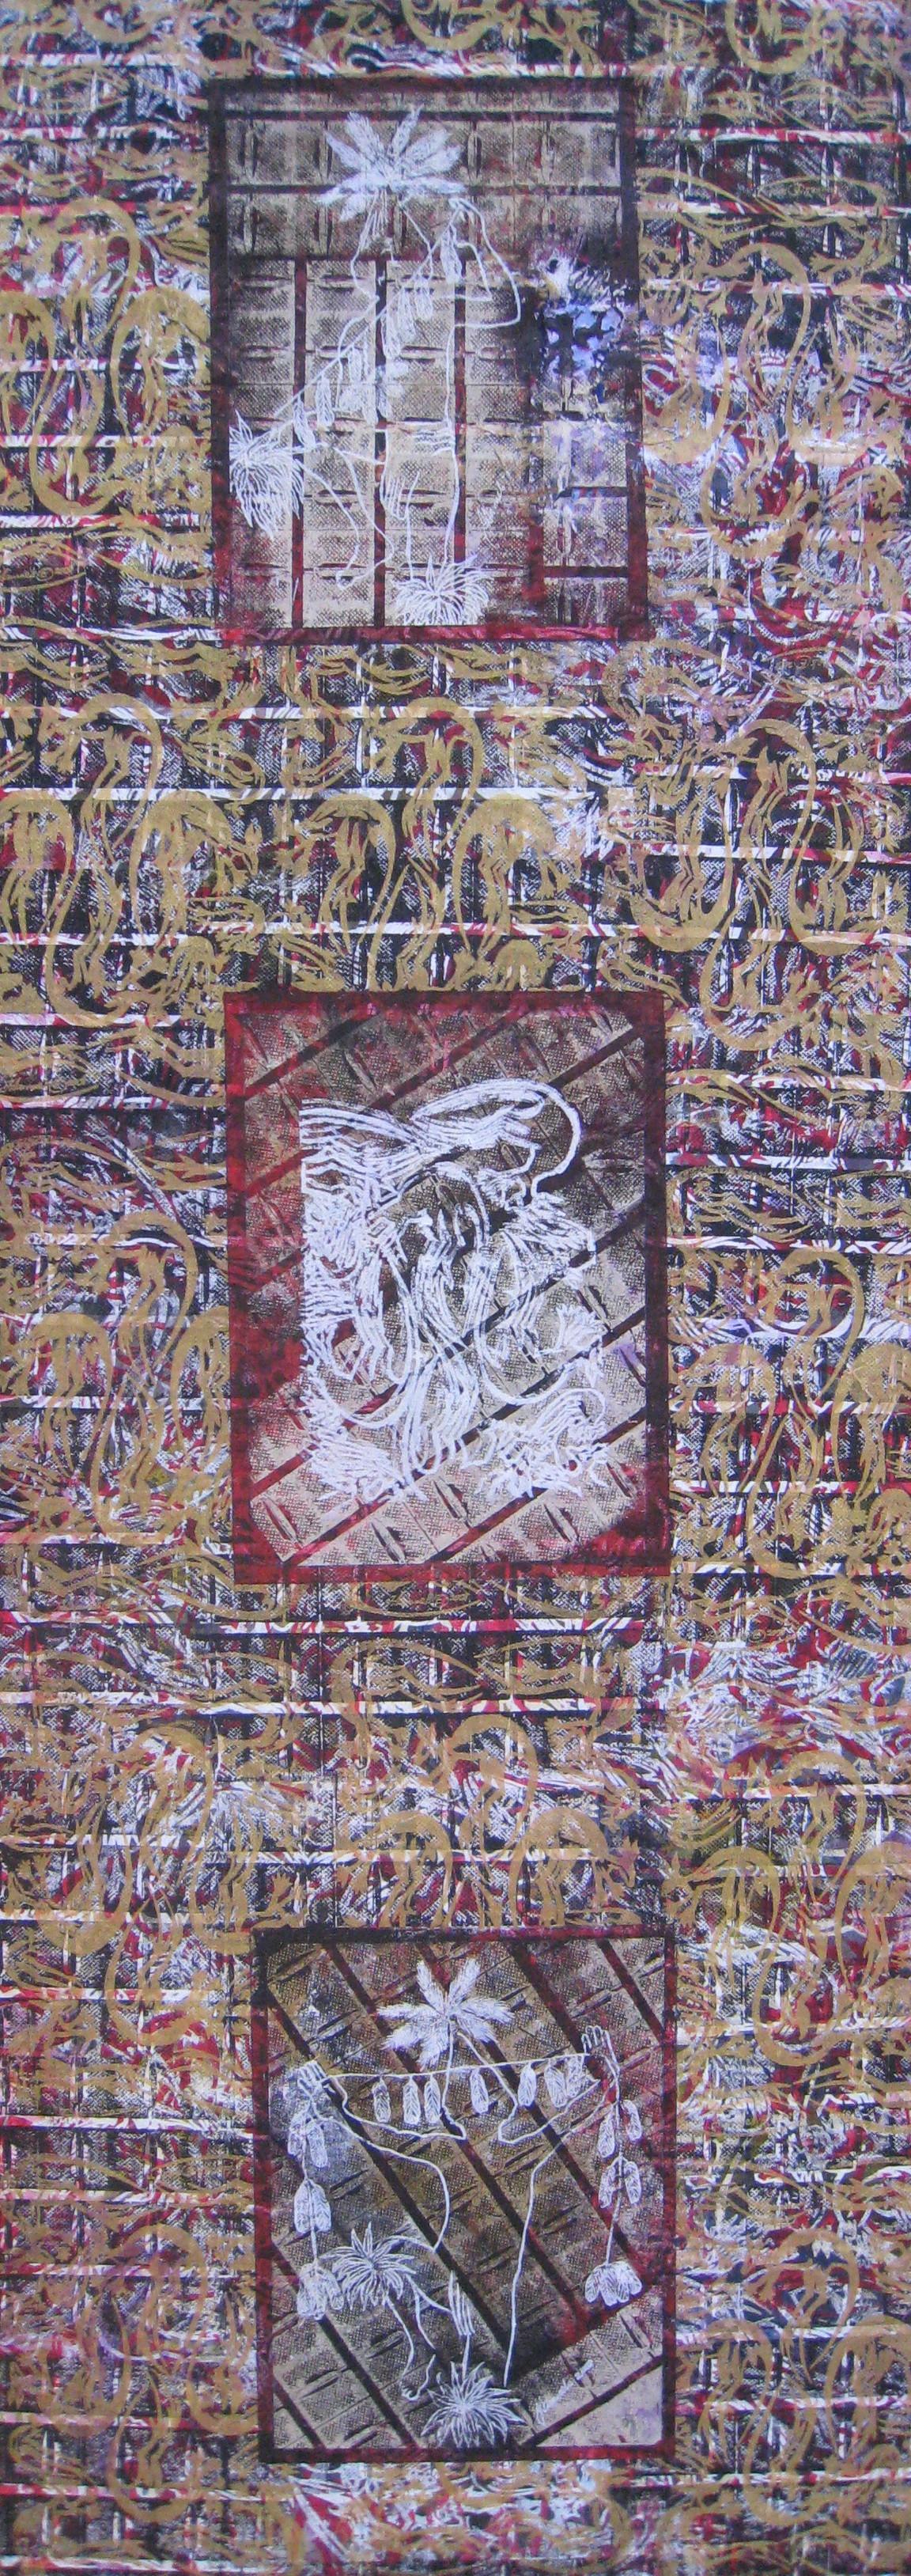 p18-jeffrey-samuels-kangaroo-dreaming